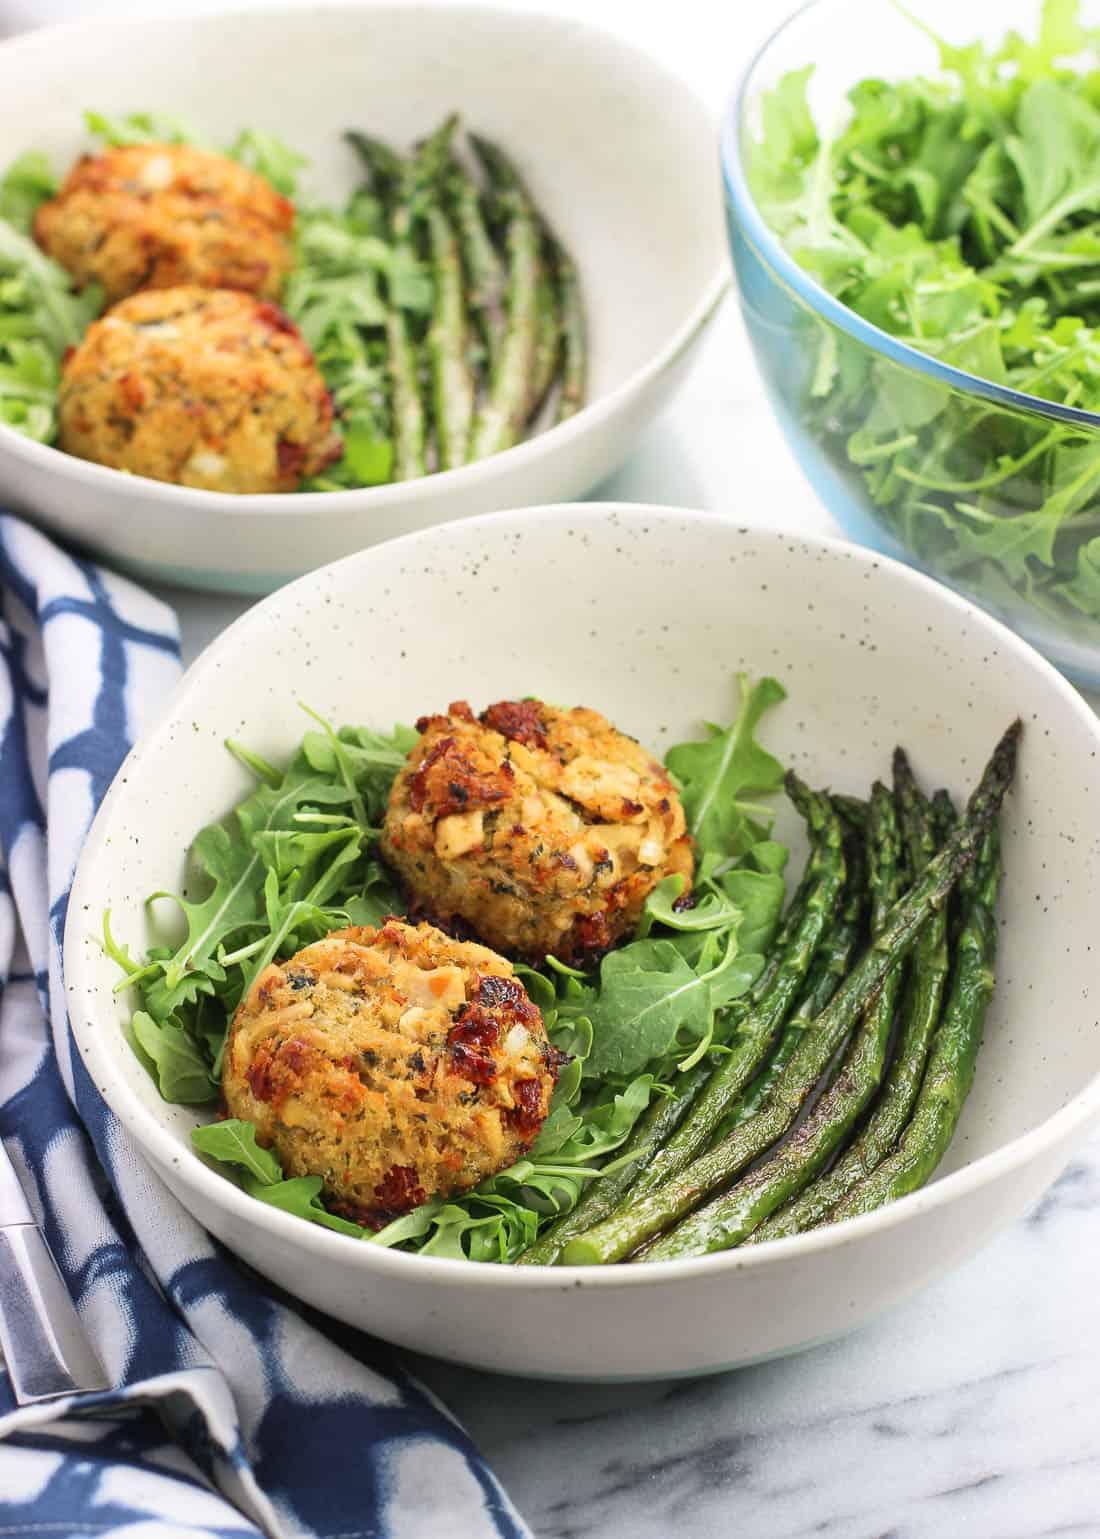 Two plates containing tuna cakes, arugula, and sauteed asparagus